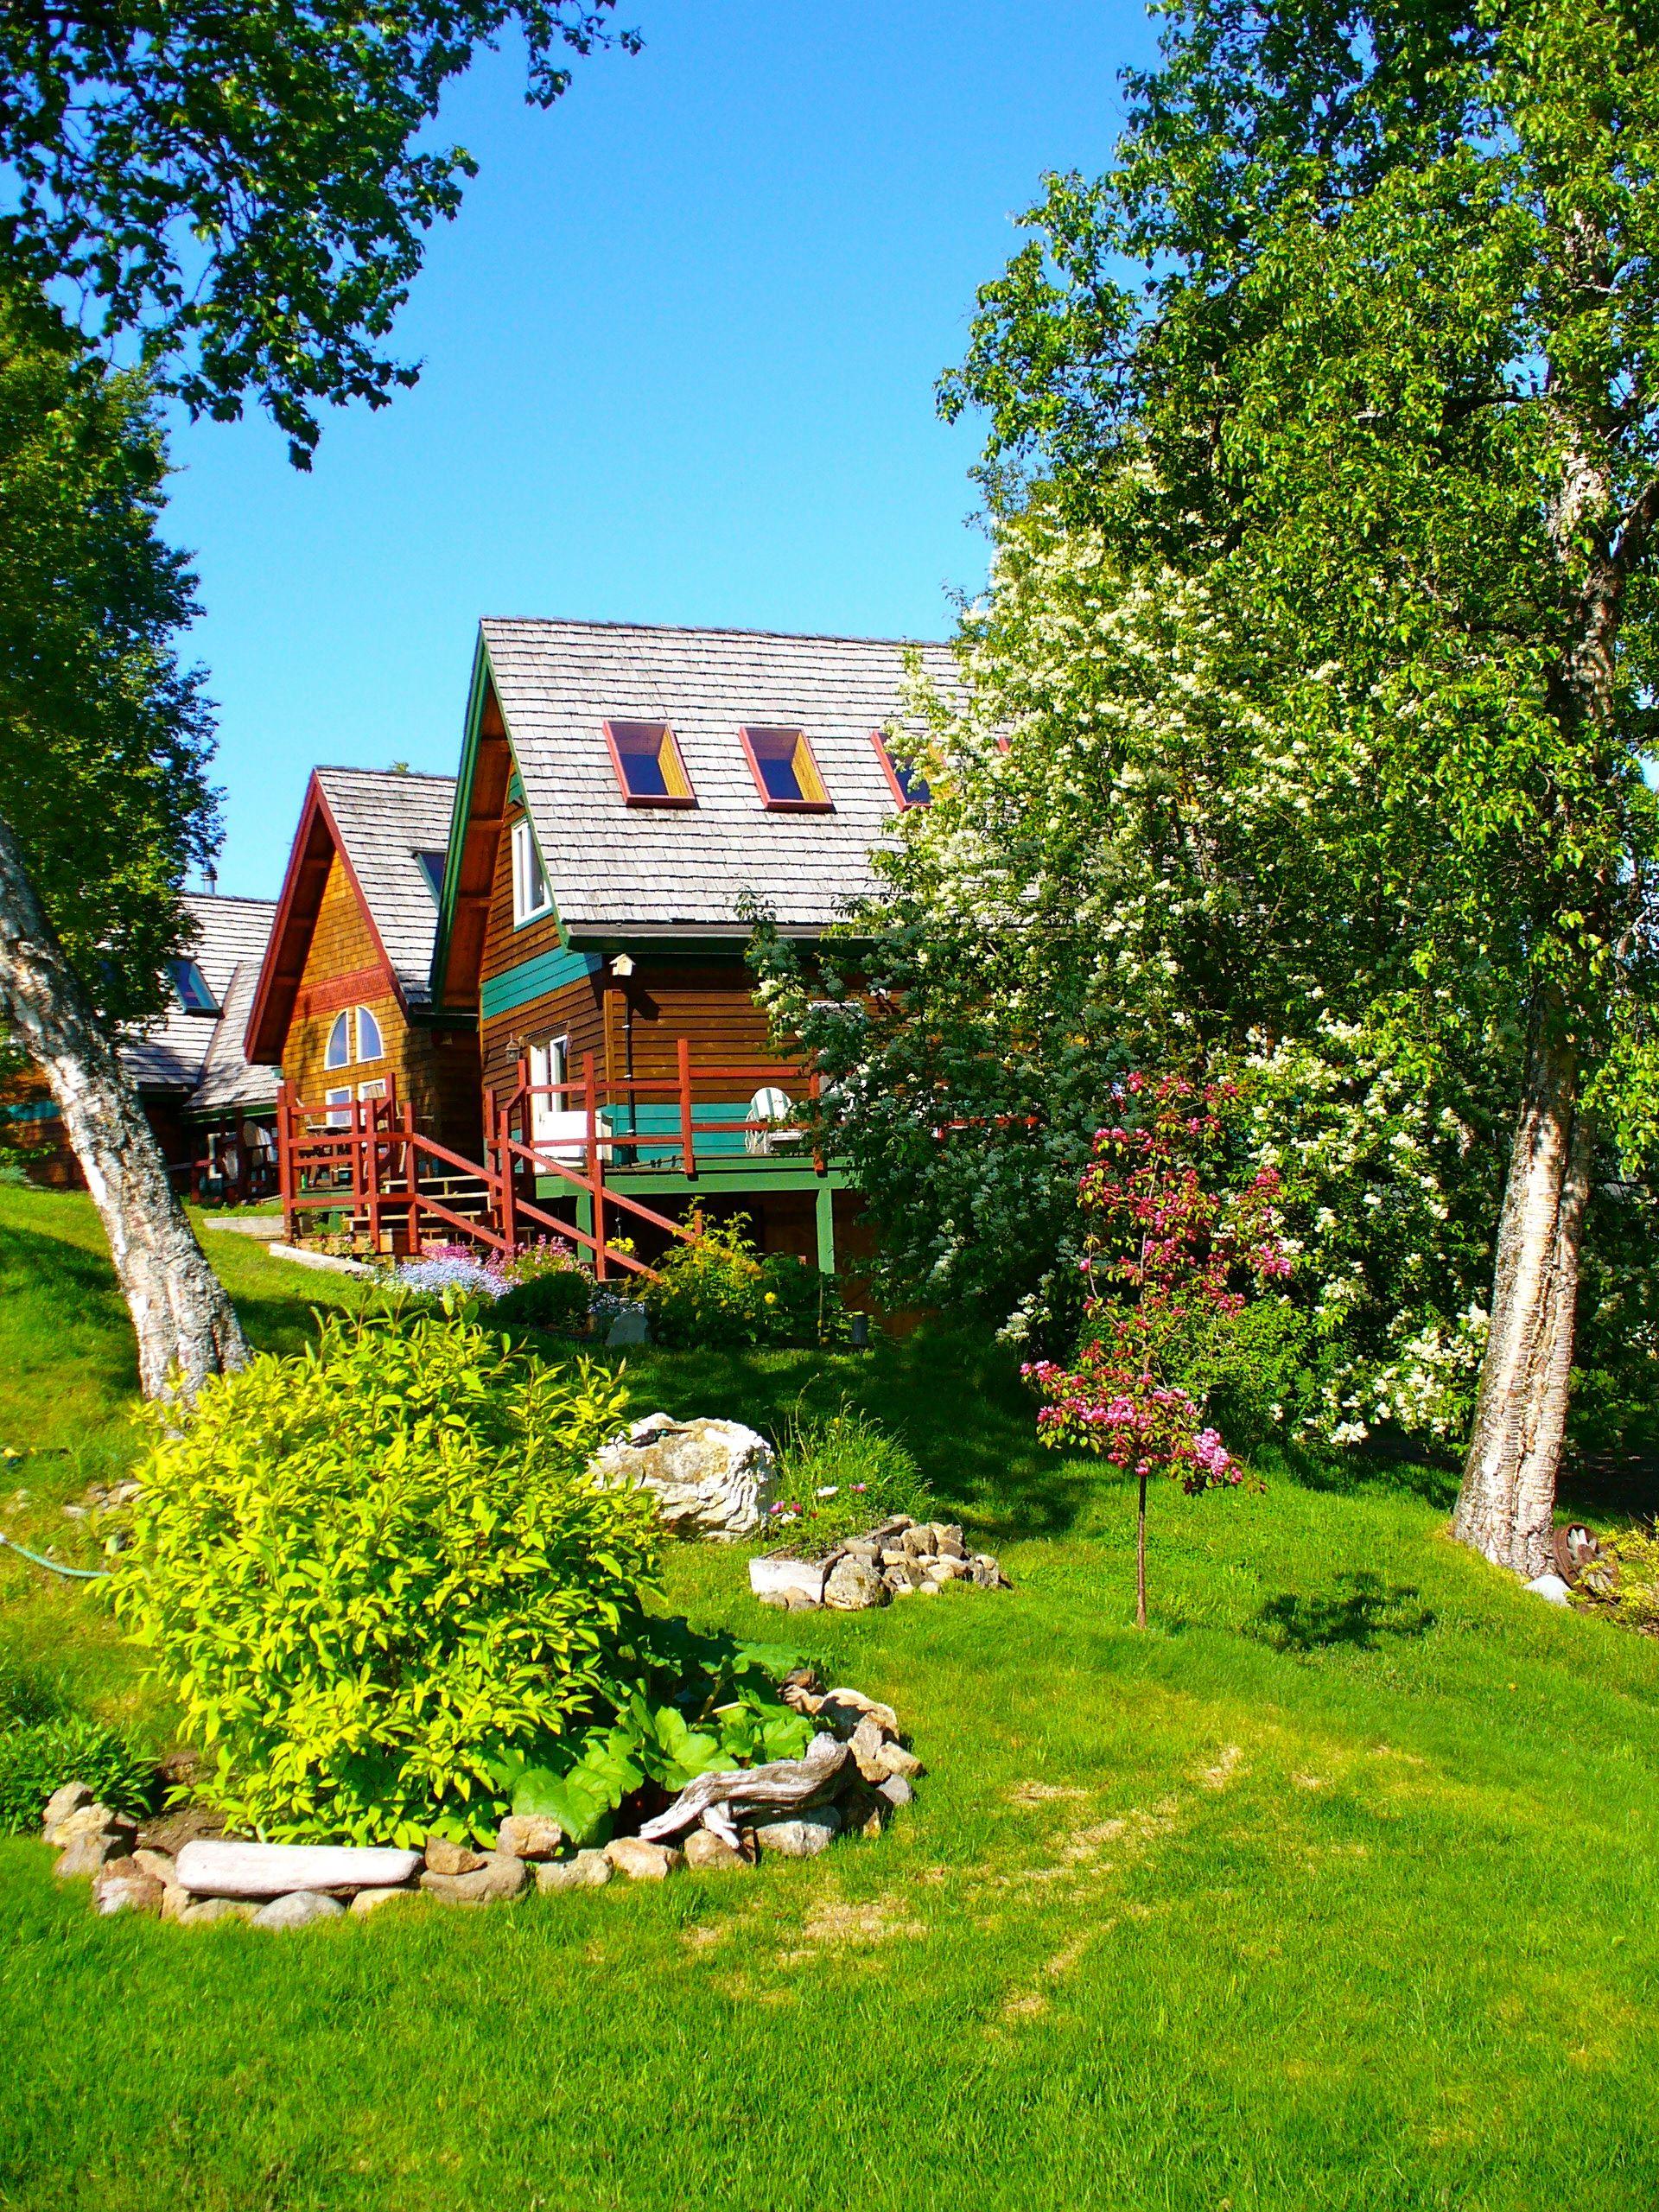 Alaska Dream Home - 2e9c176be5f441e0376258af1a5f765e_Must see Alaska Dream Home - 2e9c176be5f441e0376258af1a5f765e  Photograph_138725.jpg